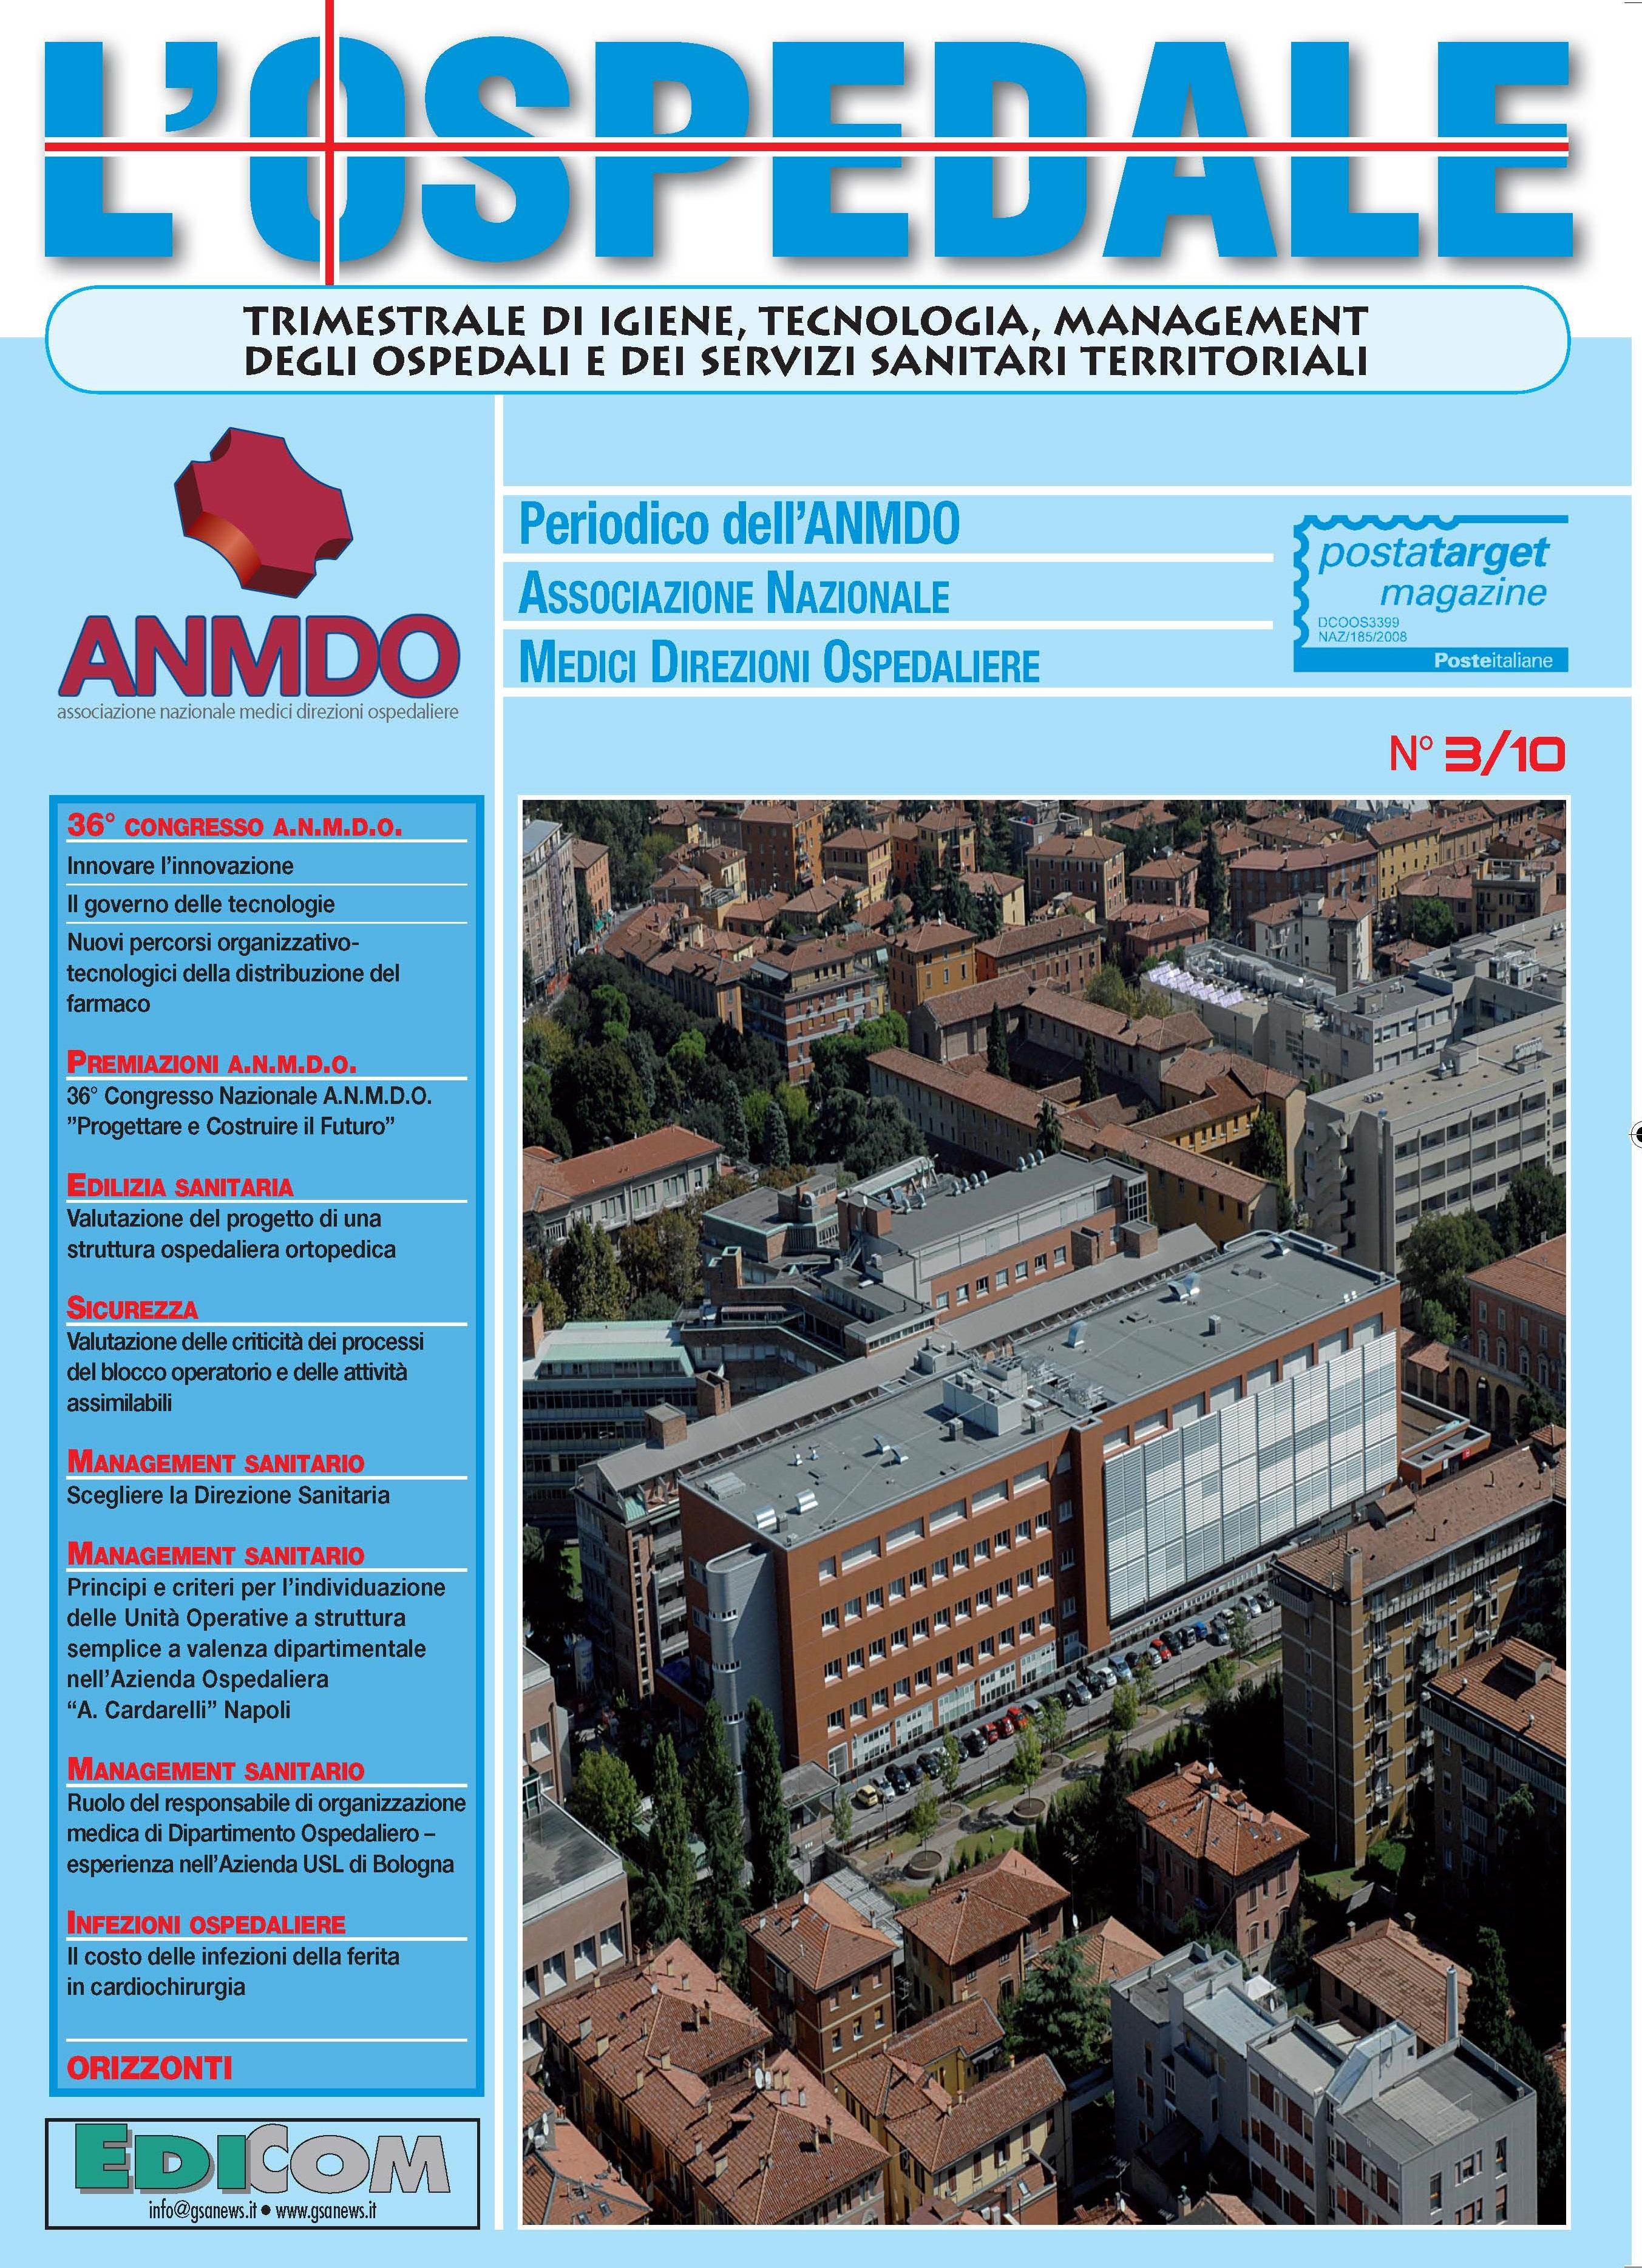 pagine-da-ospedale_3-10